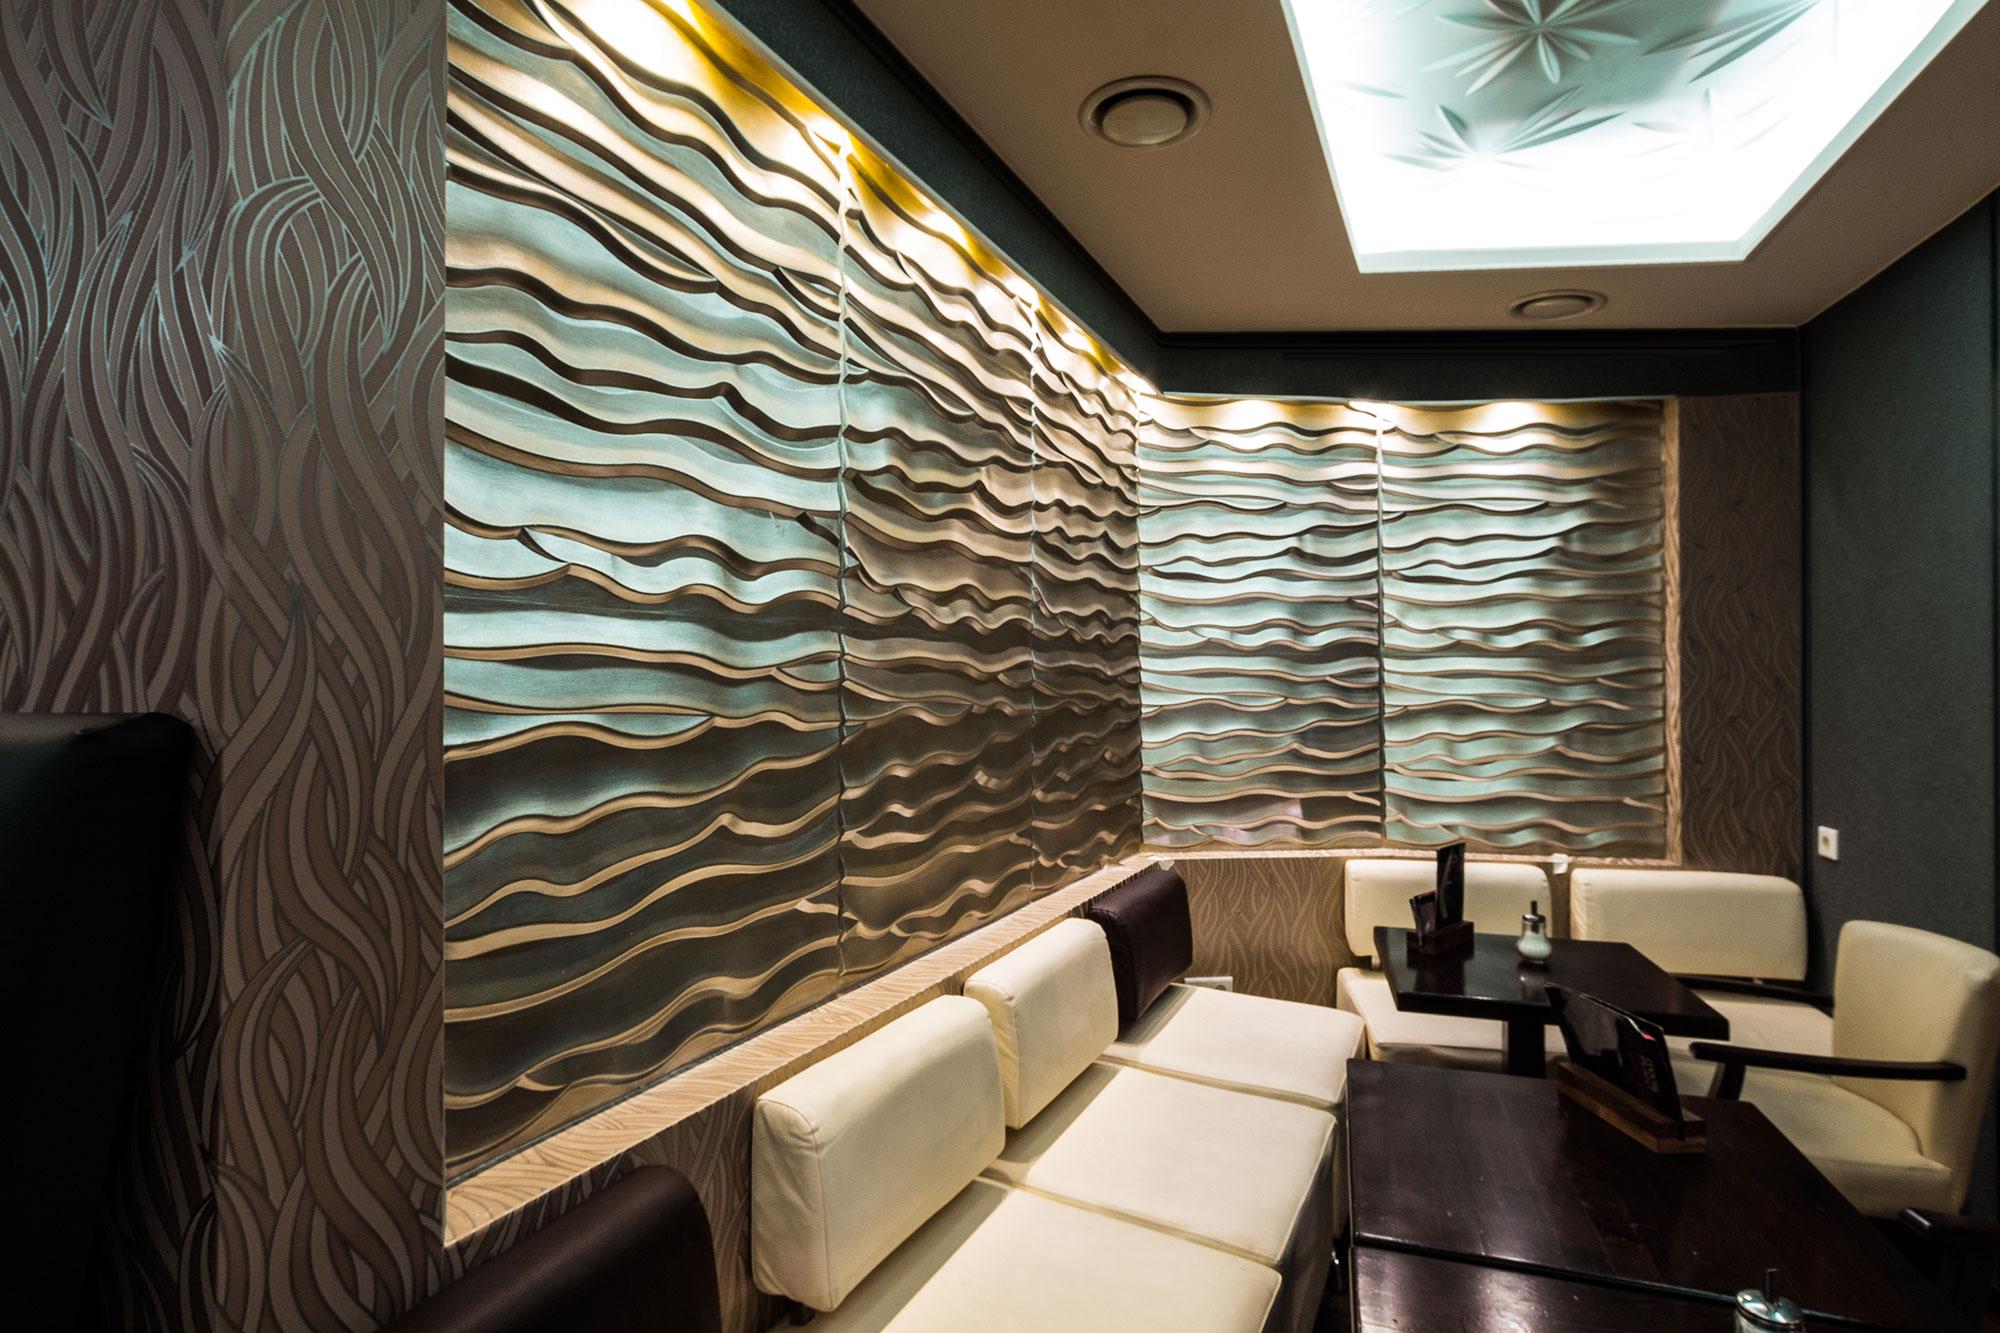 Cafes Und Restaurants 3d Wandpaneele Deckenpaneele